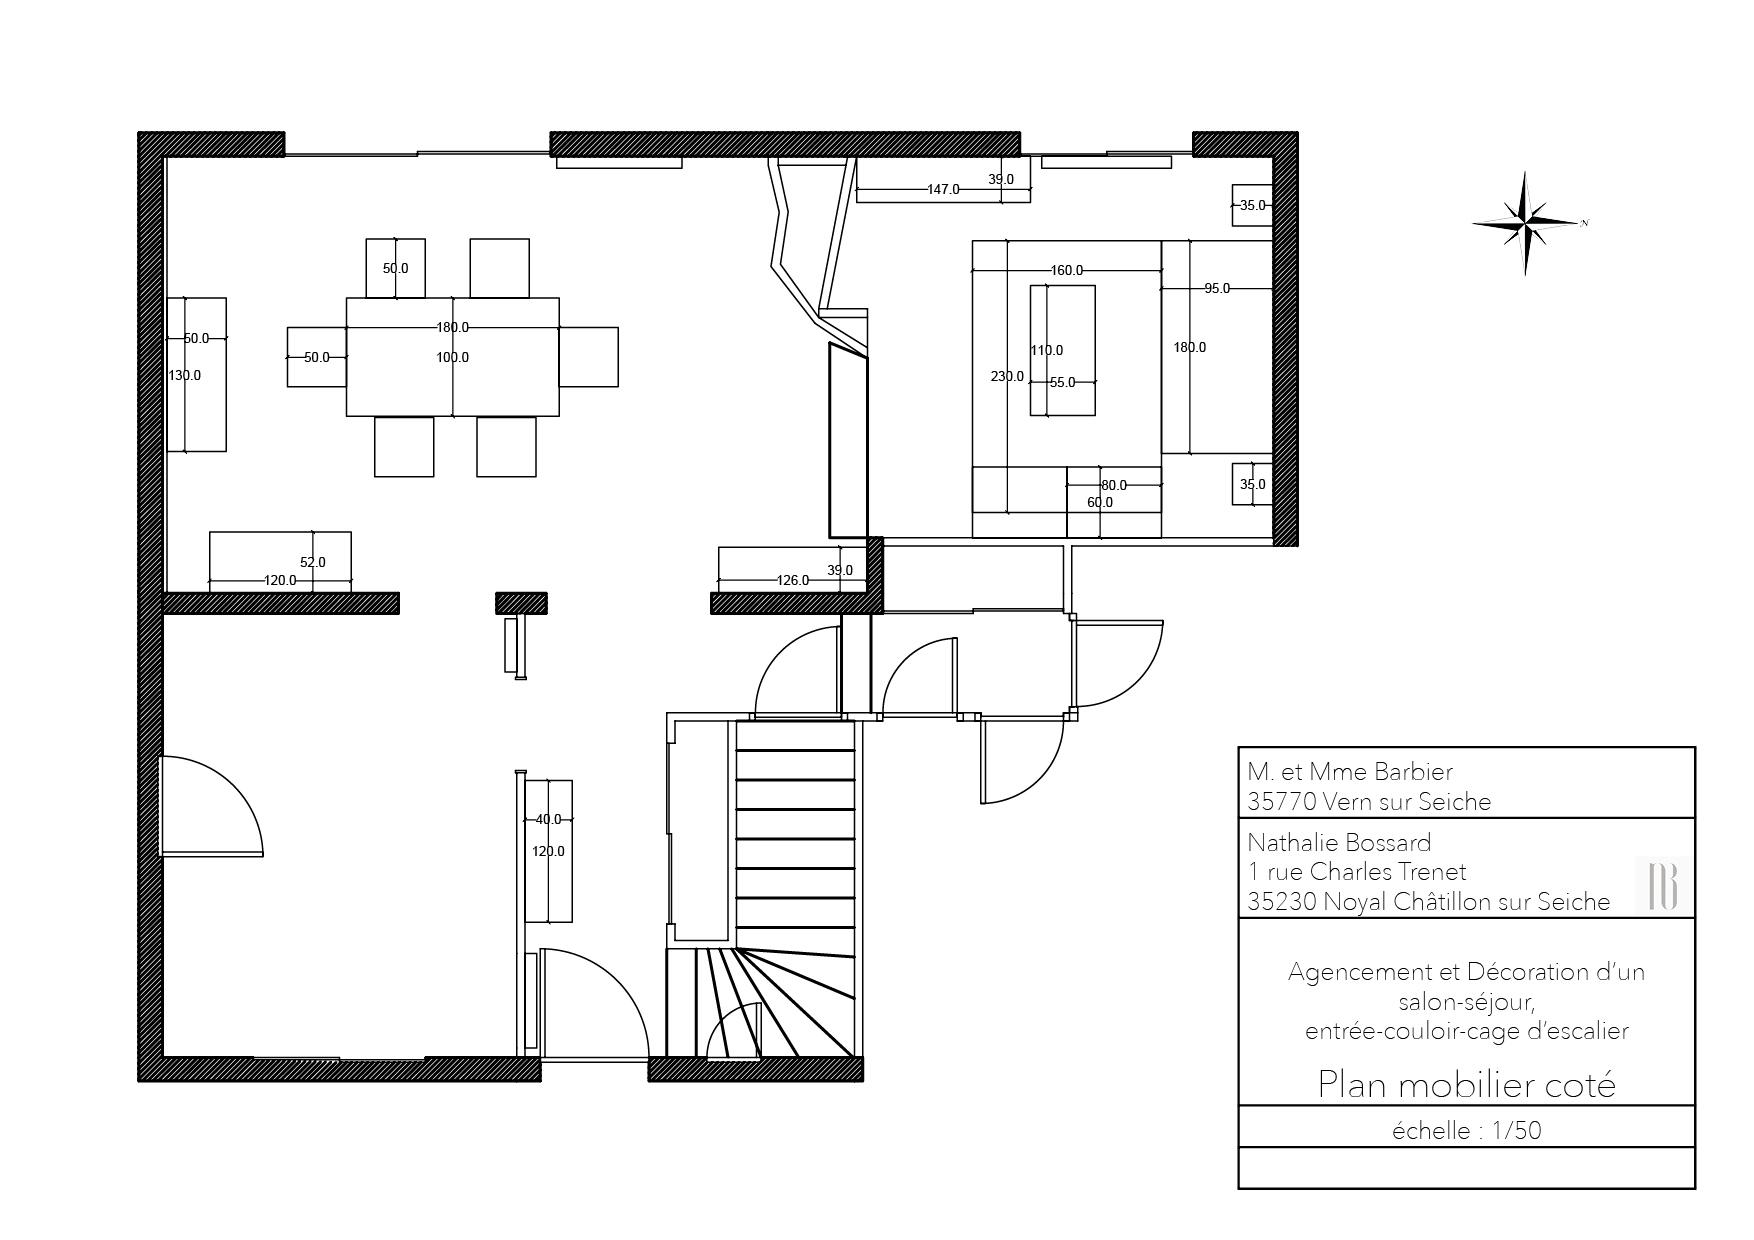 Nathalie Bossard décoration architecture intérieur Rennes 35 UFDI-390 Book déco maison individuelle Vern sur Seiche Ille et Vilaine plan agencement mobilier